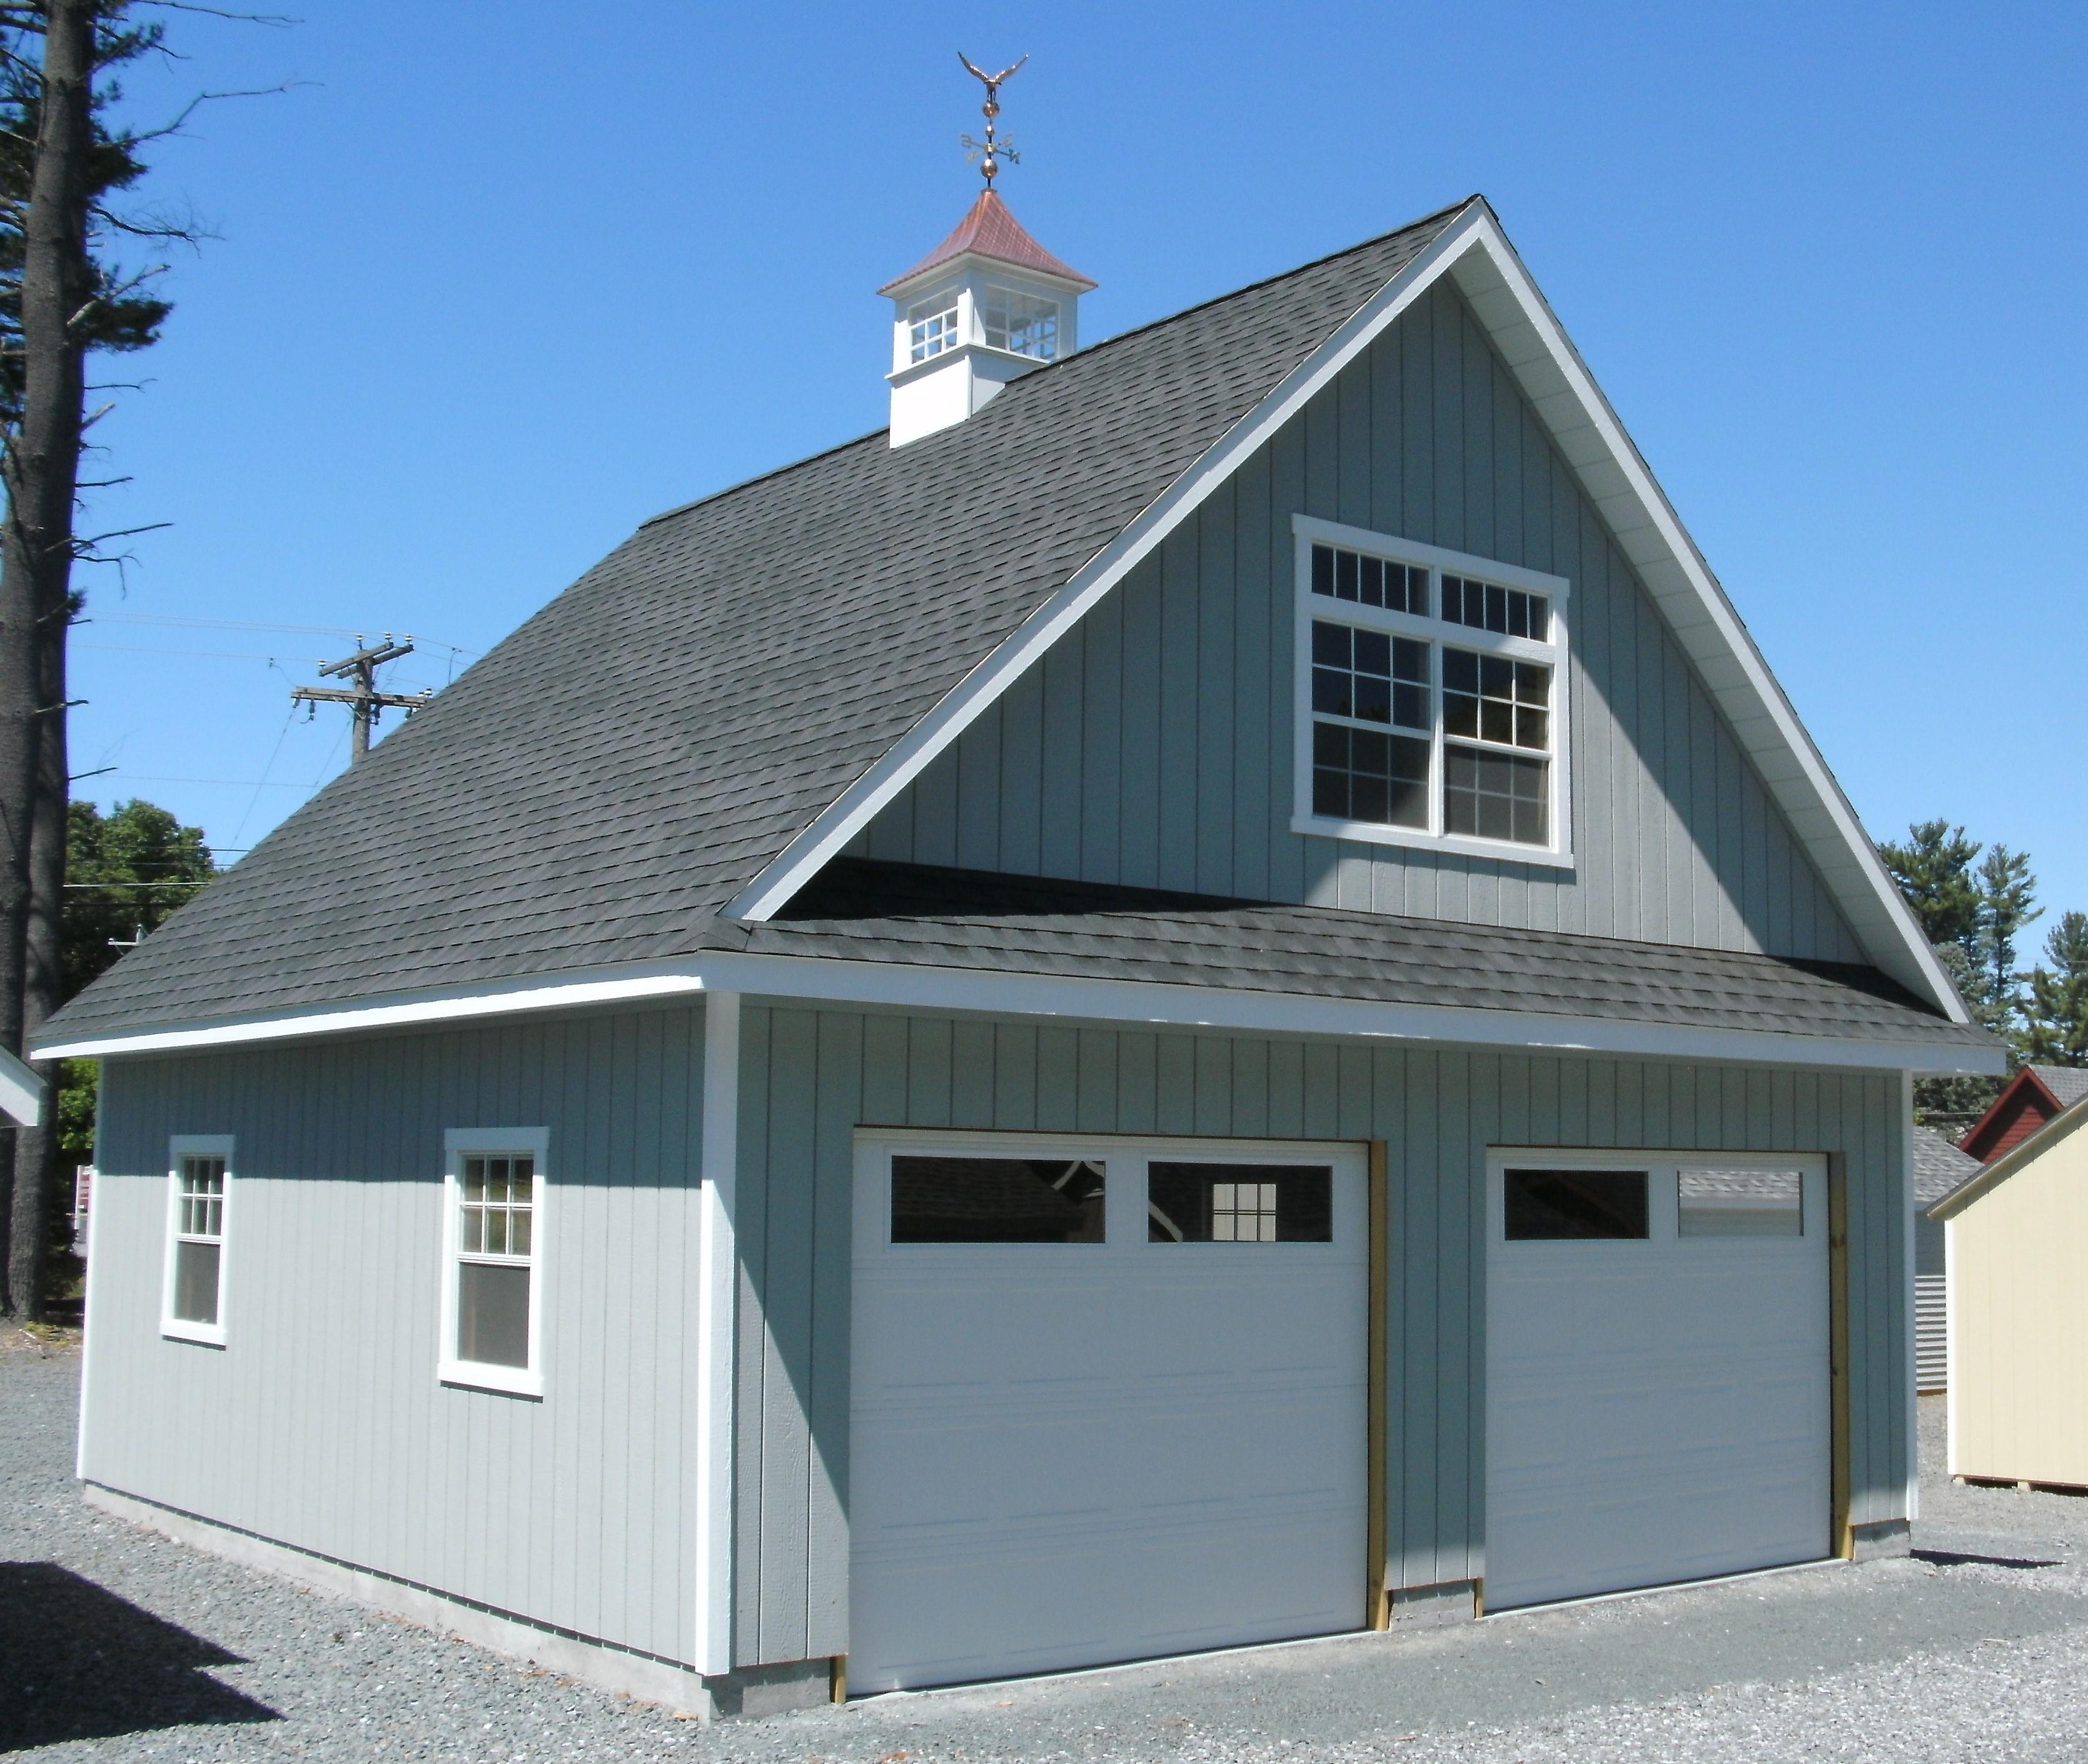 24' X 24' Duratemp Garage : Image 1